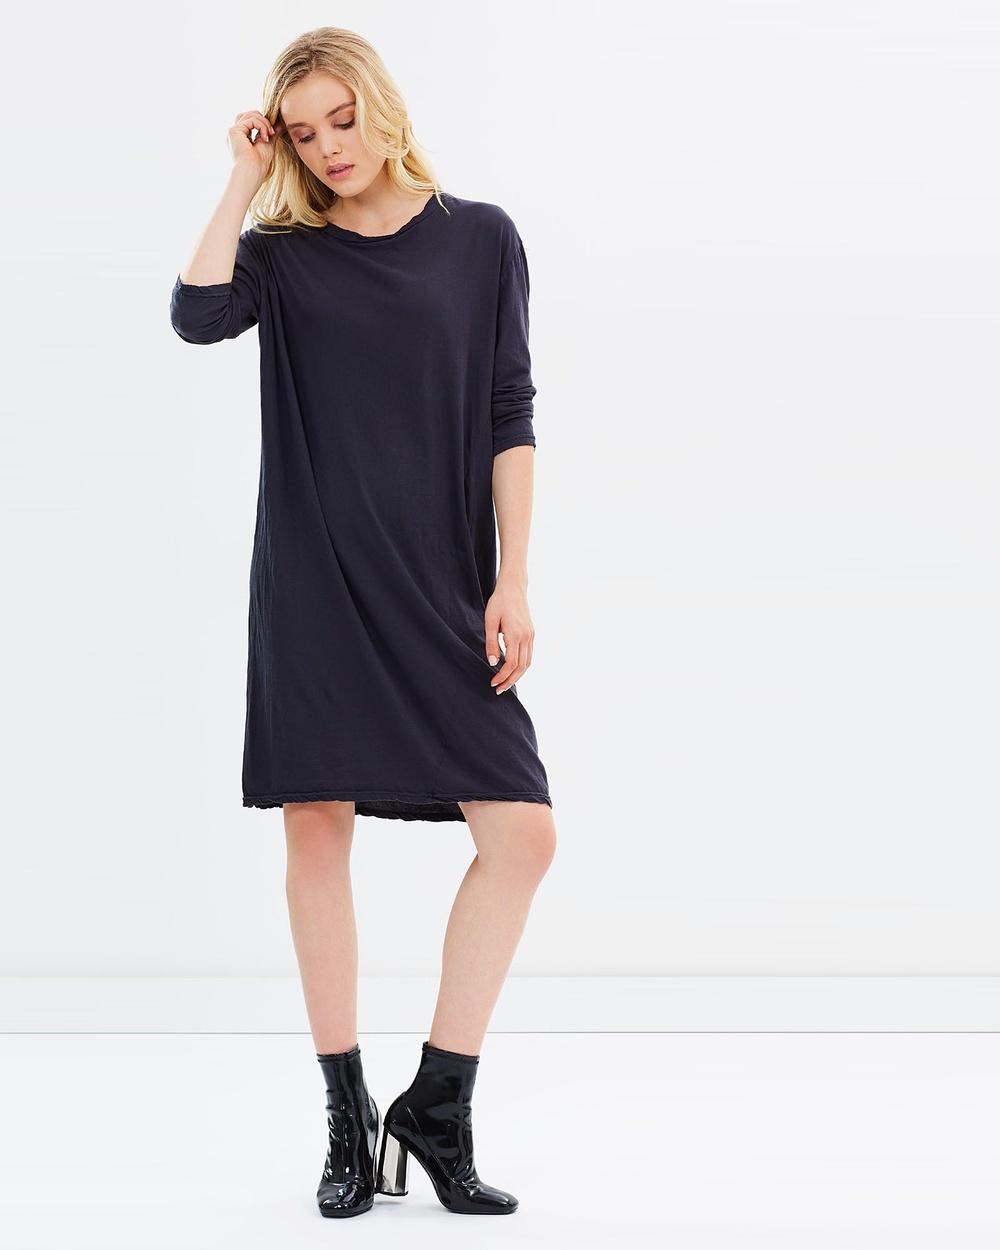 Primness Hap LS Dress Dresses Smoked Charcoal Hap LS Dress